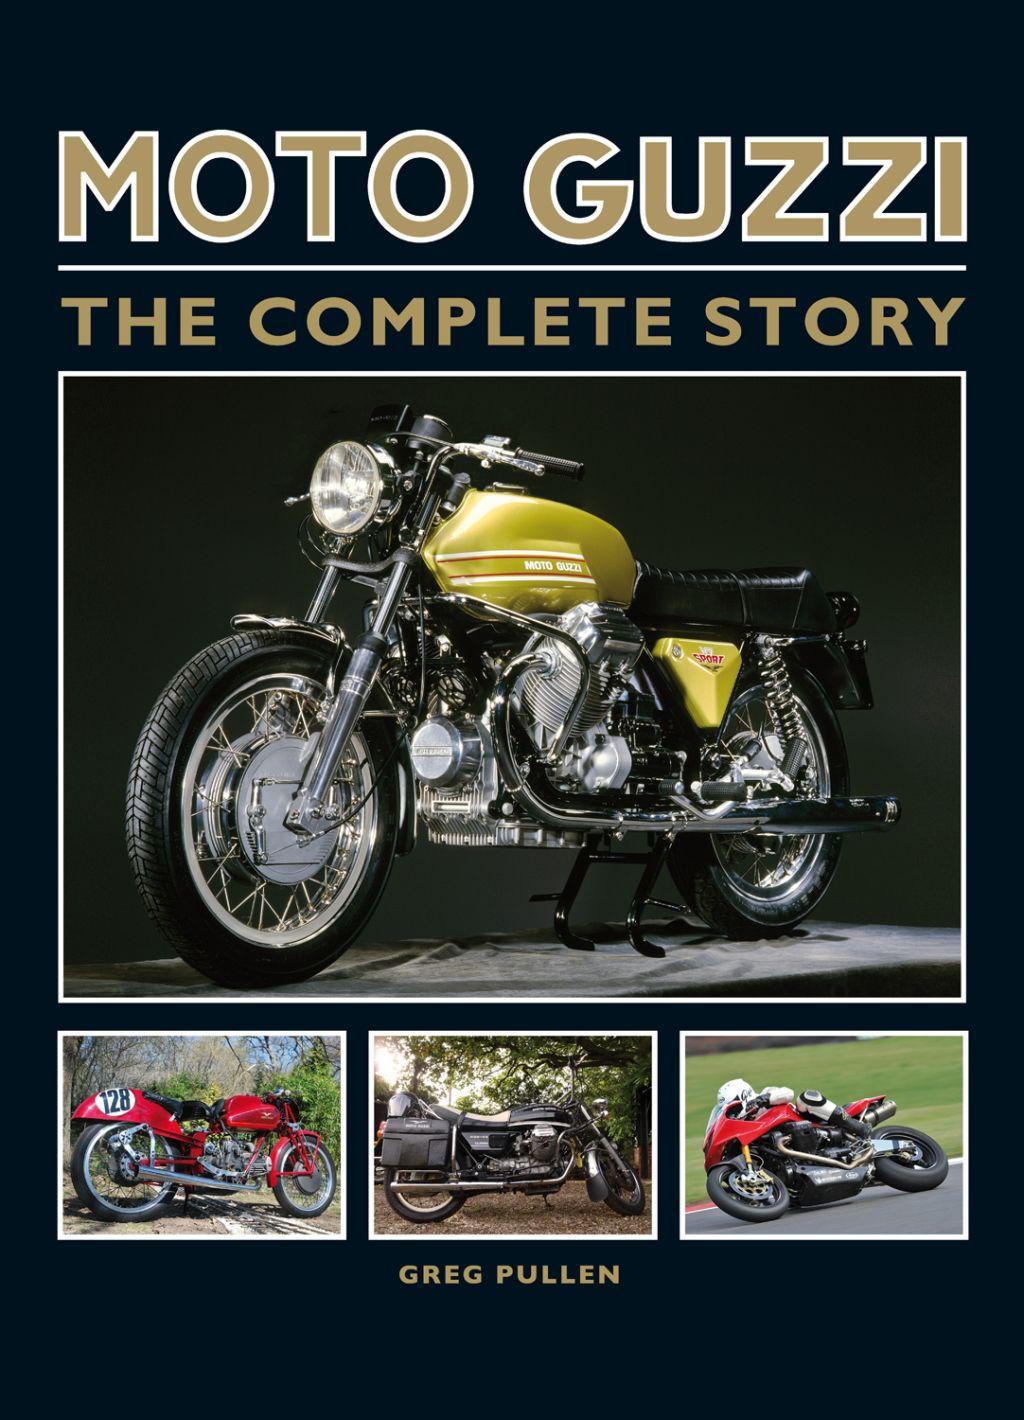 Moto Guzzi Ebook Moto Guzzi Moto Motorcycle Drawing